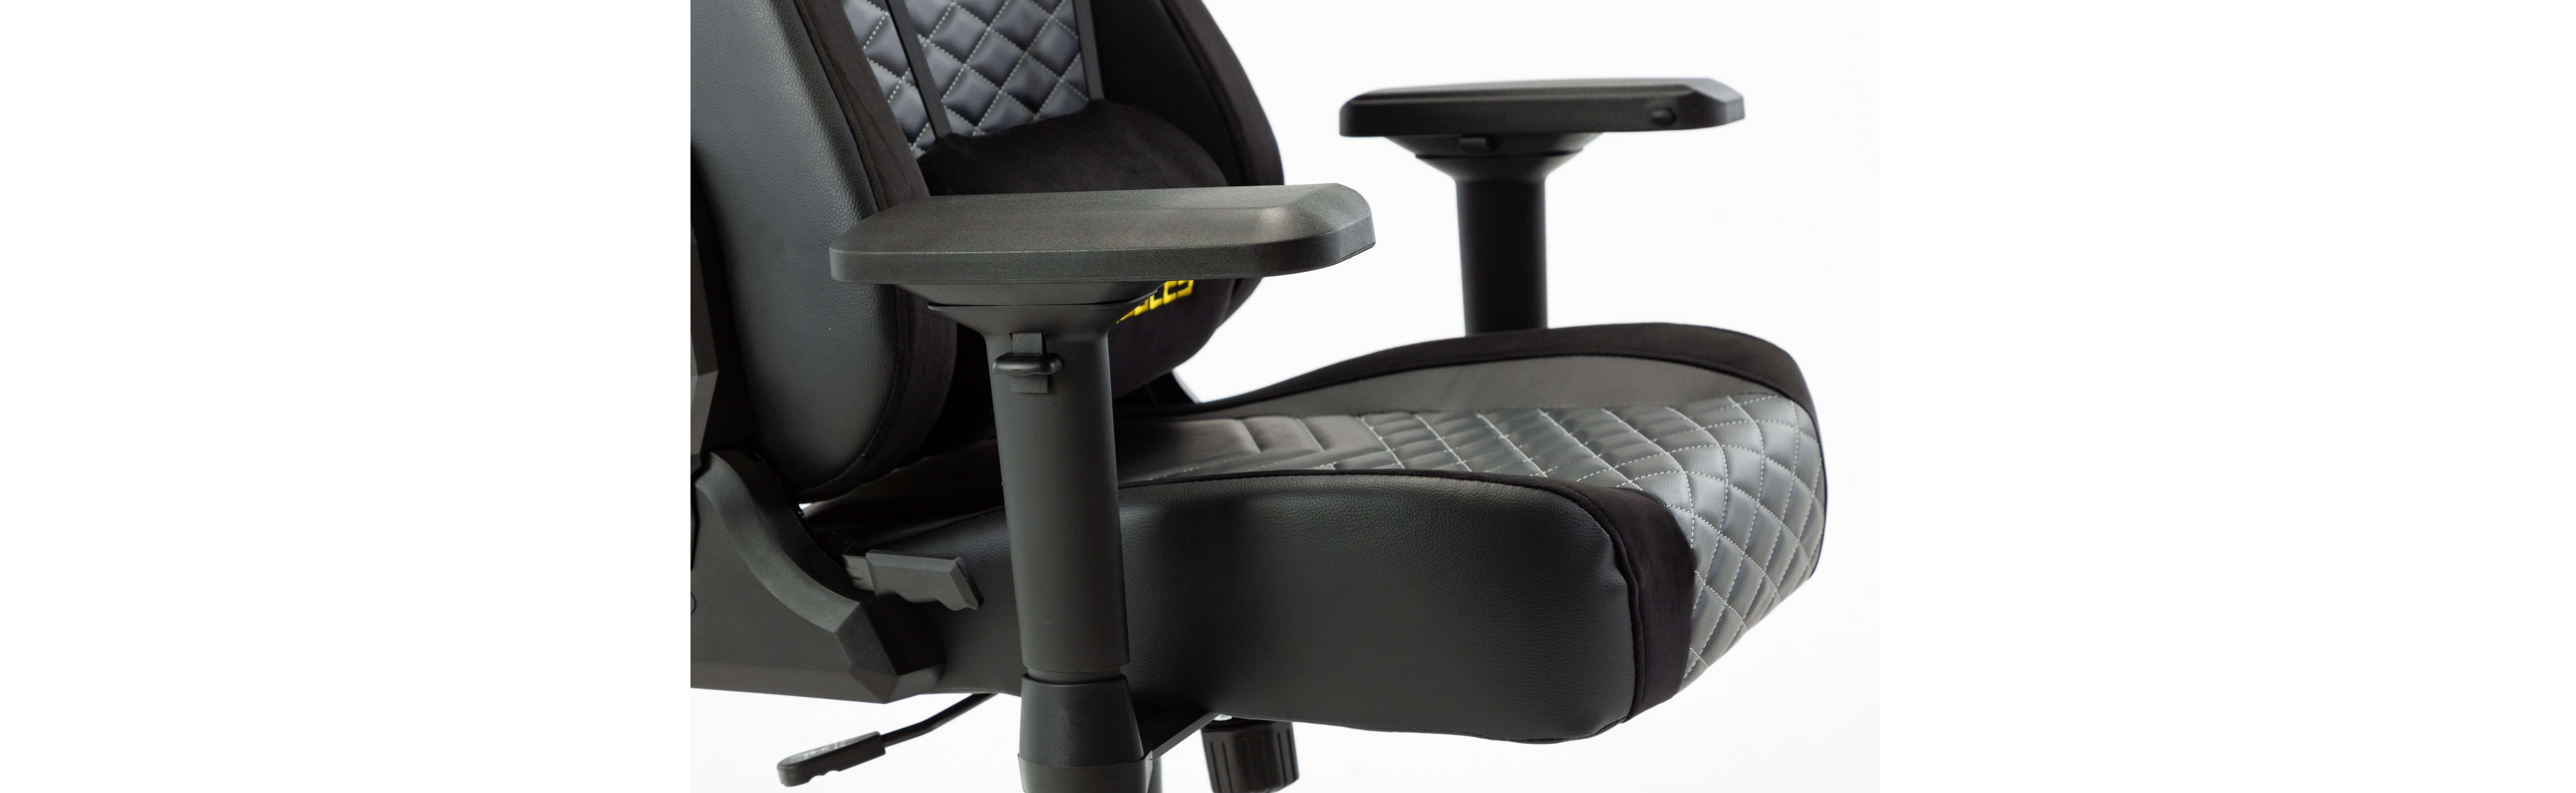 Ghế gamer E-Dra Hercules EGC203 Pro Black/Yellow có đệm siêu dày